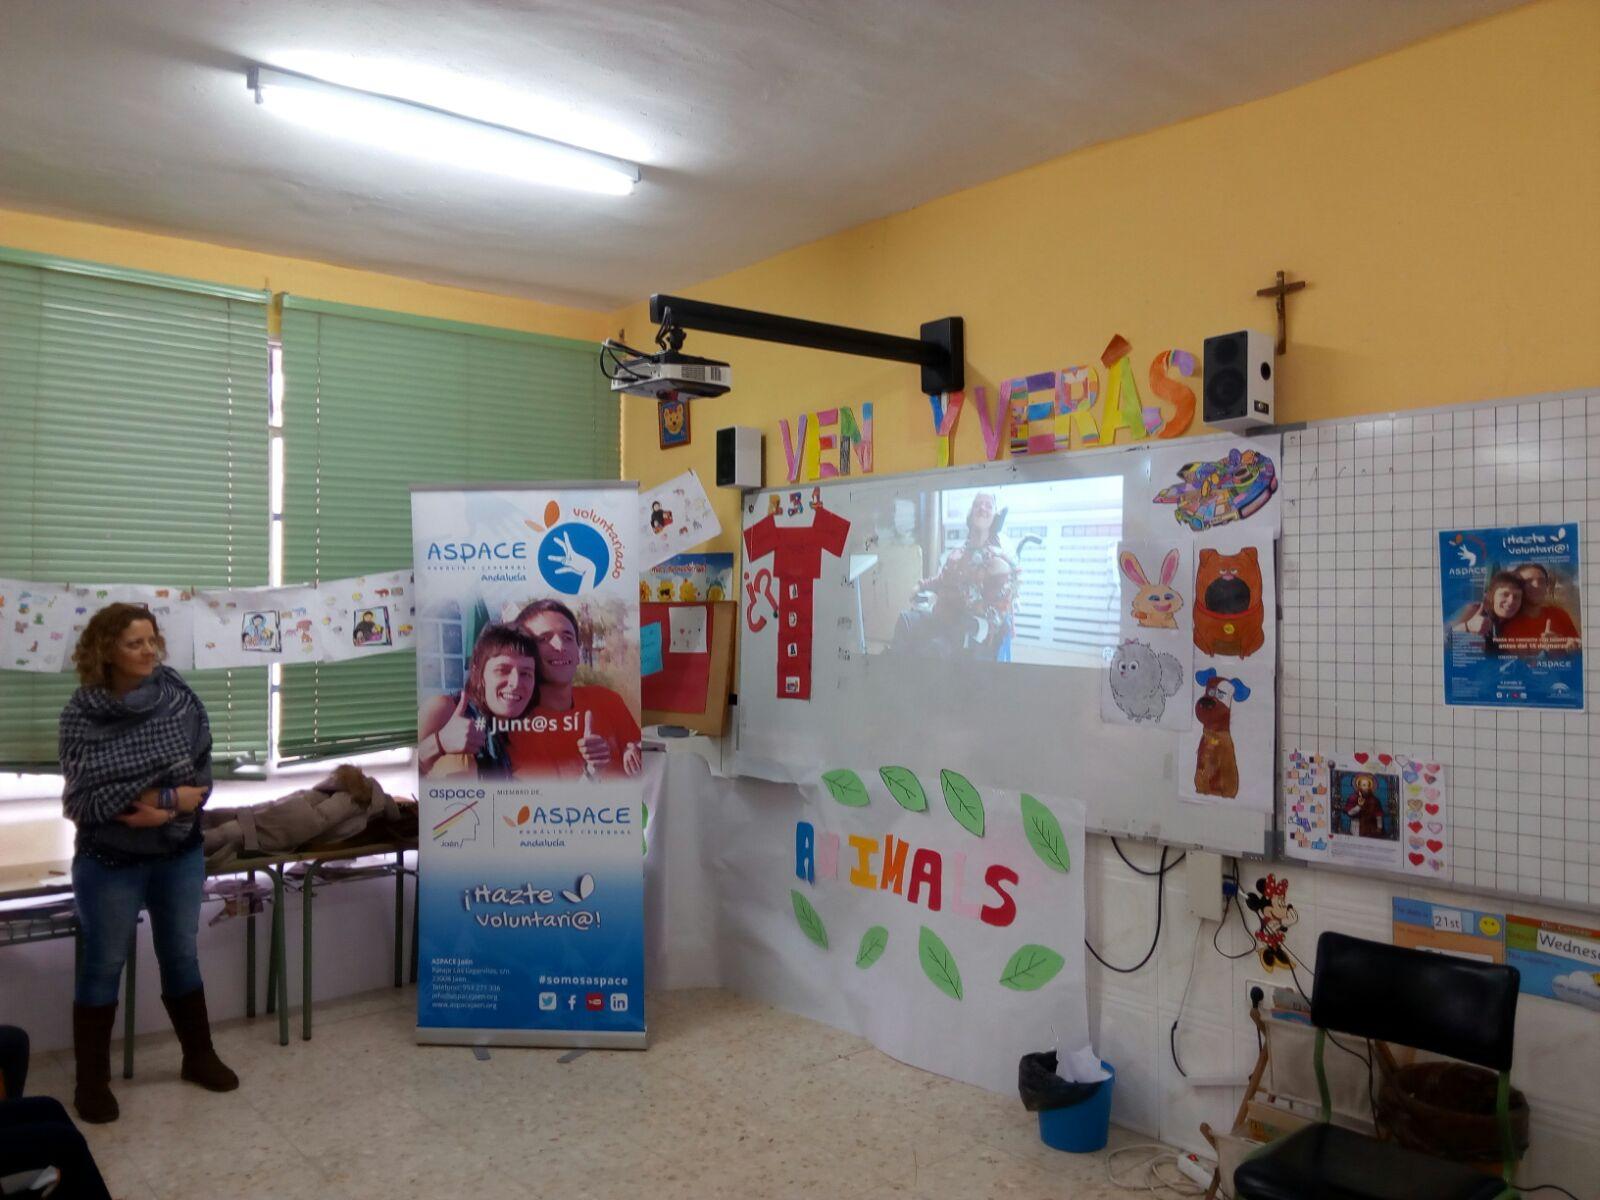 Finaliza con éxito la campaña de captación de voluntarios en Aspace Jaén